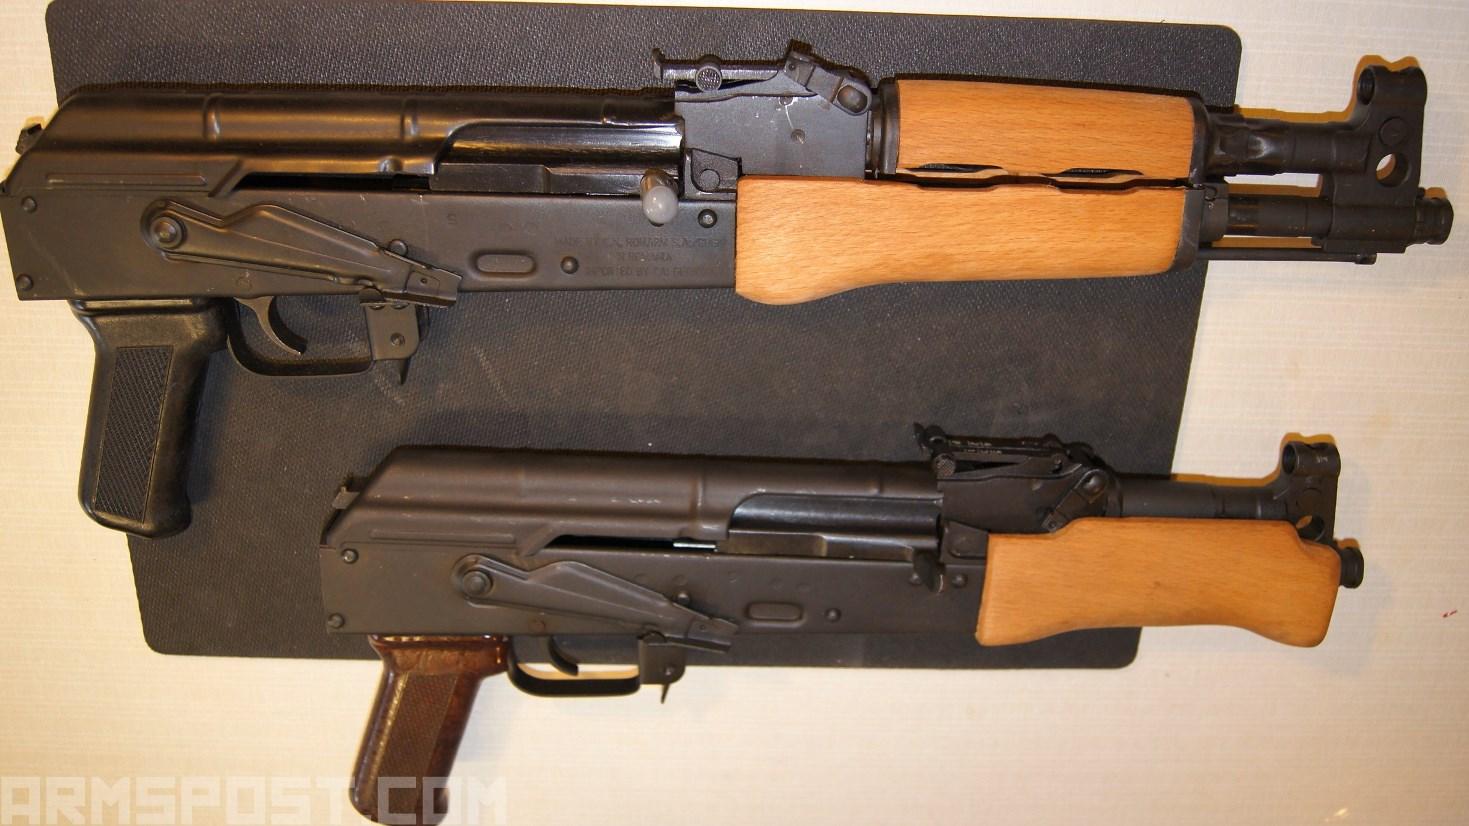 Draco-MINI-AK-Pistol-7